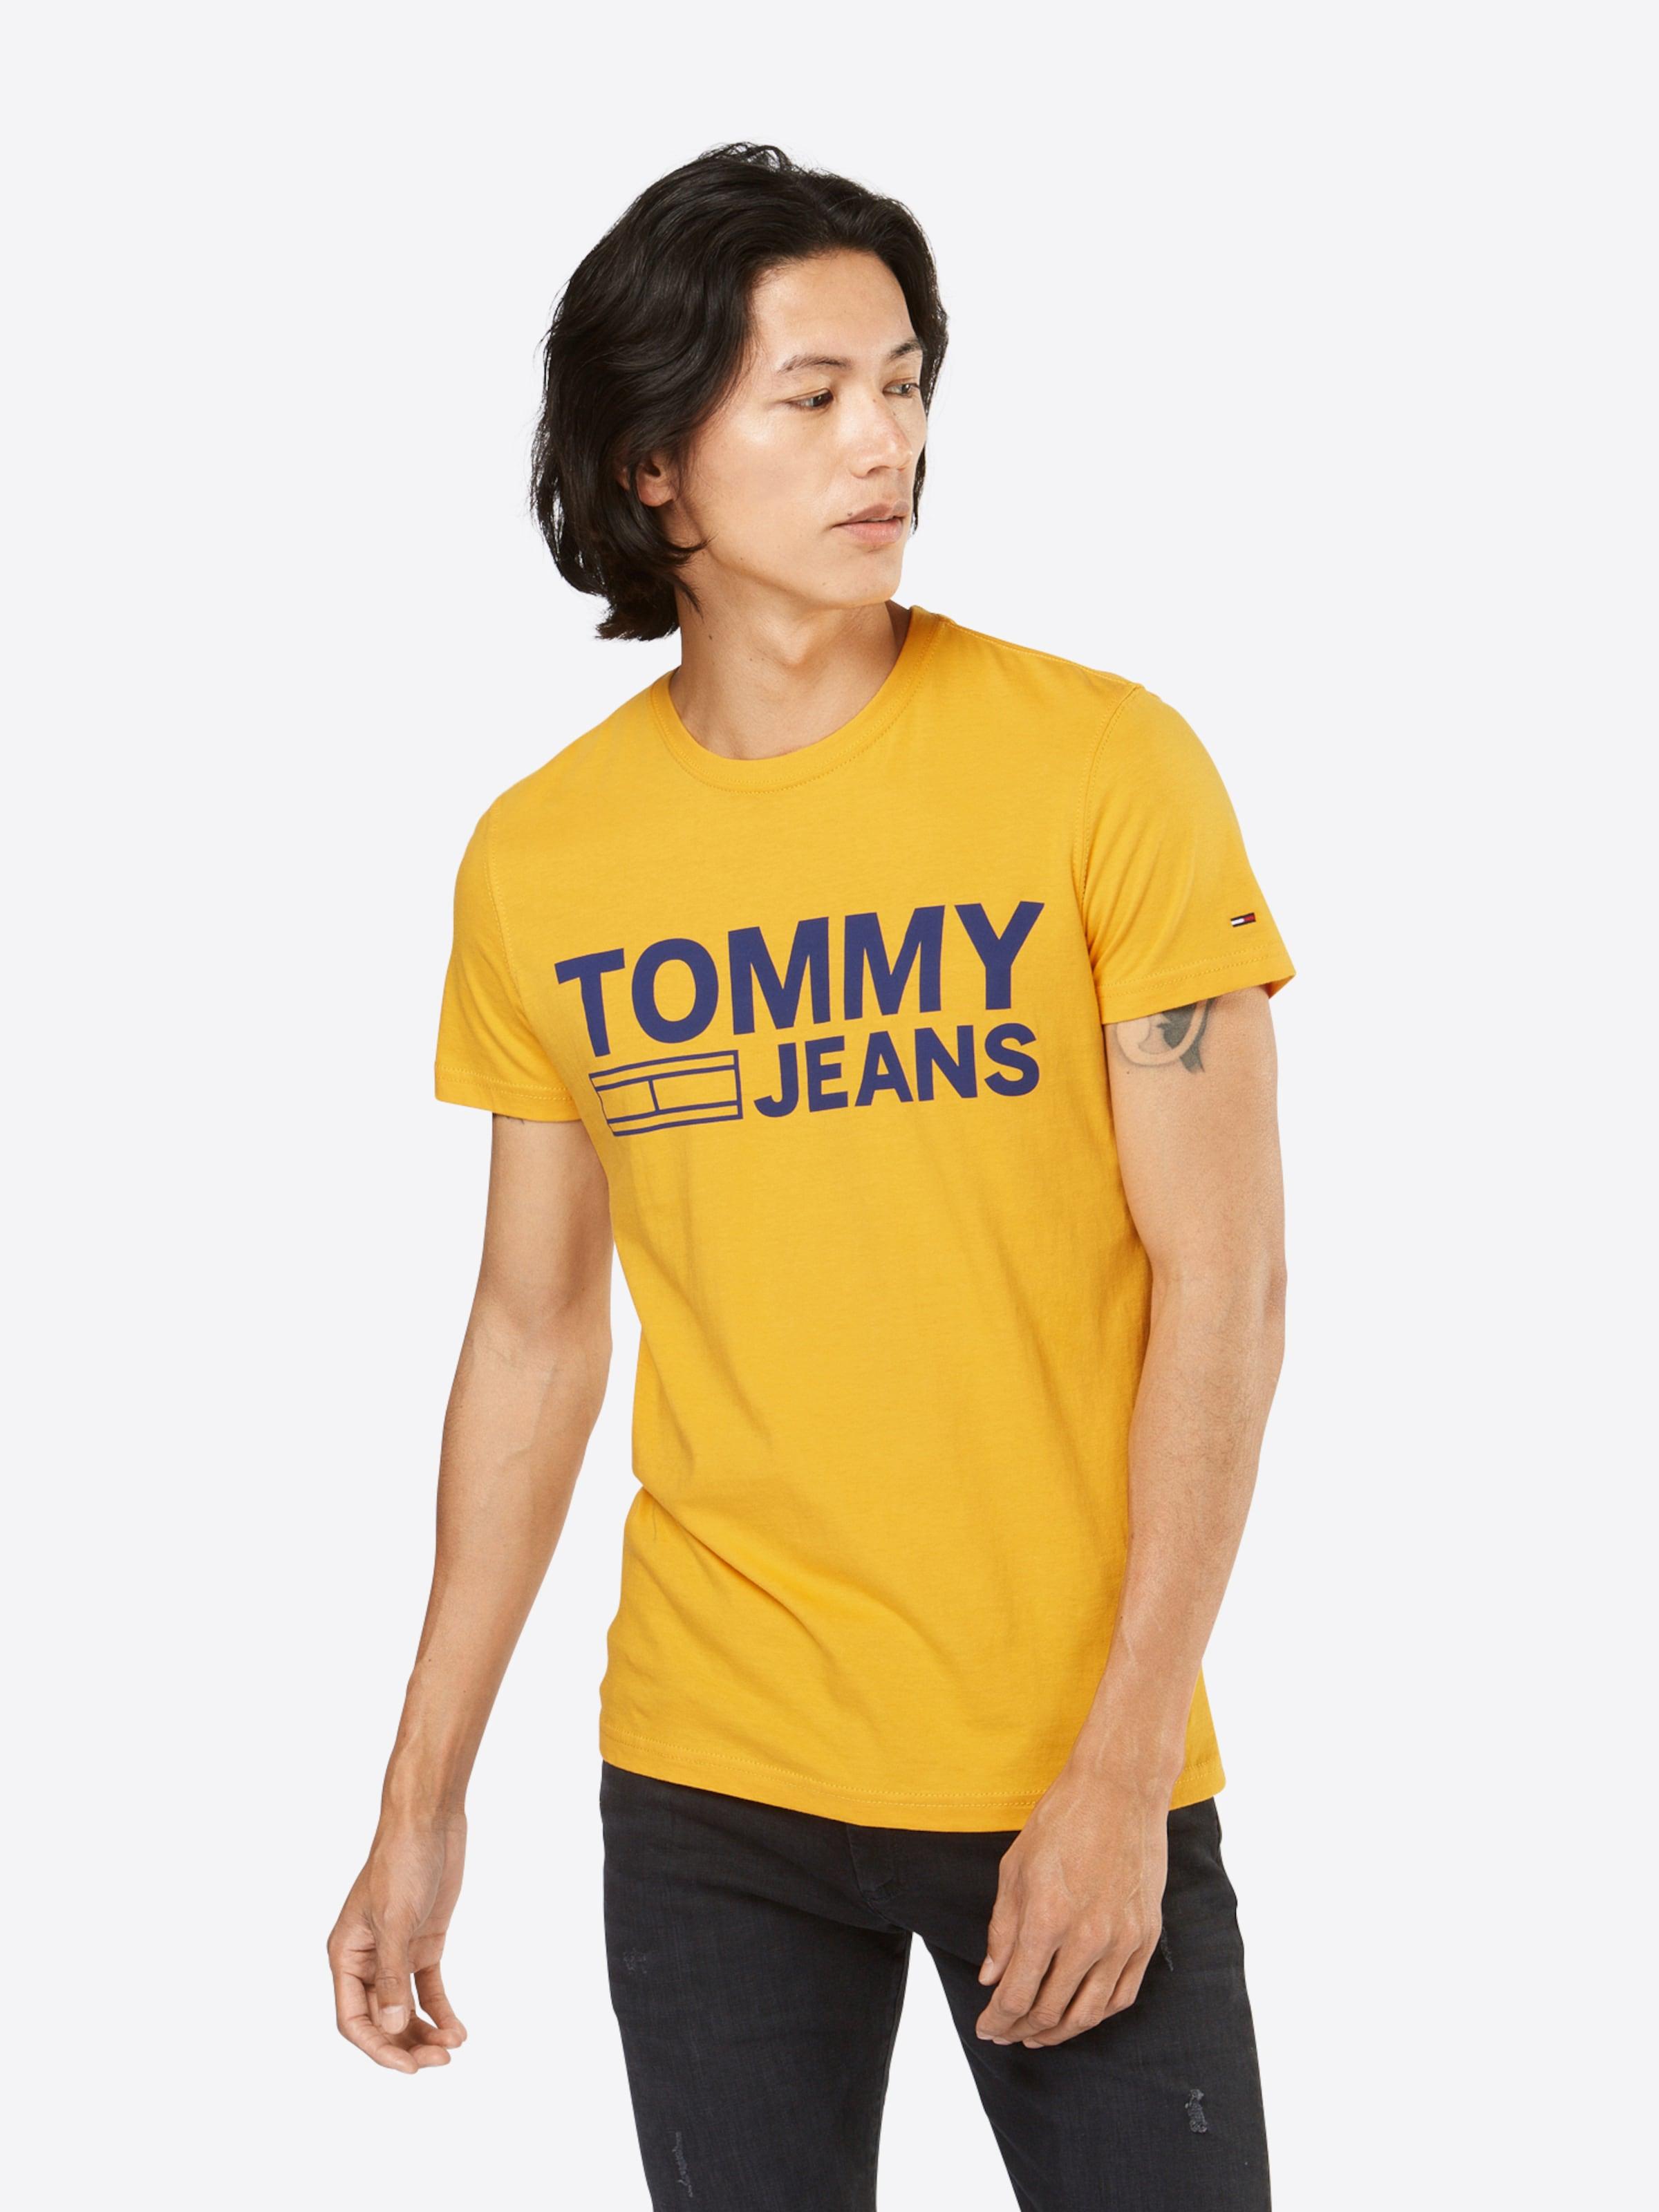 Rabatt 100% Garantiert Frei Verschiffen Tommy Jeans Logo-Shirt mit Print Spielraum Zuverlässig 7DM4EB6n